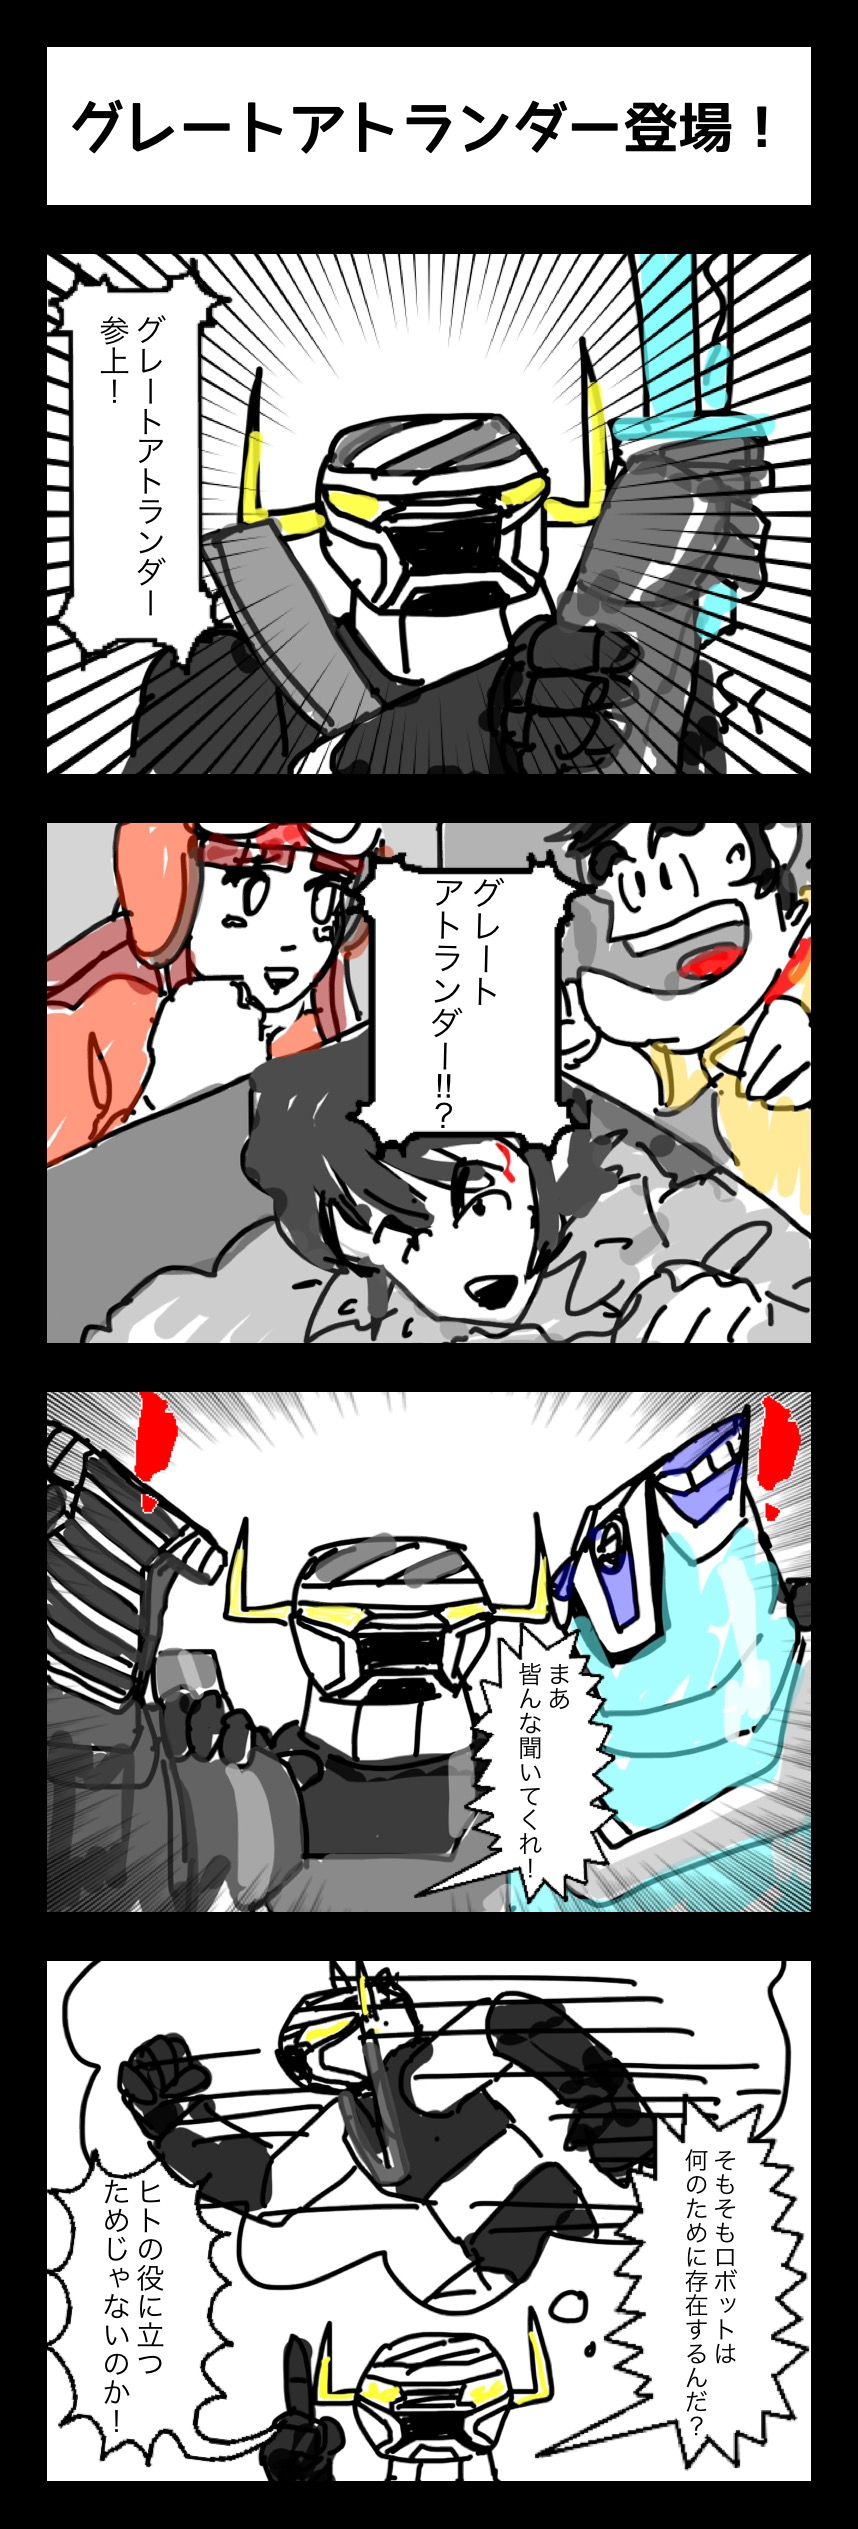 連載4コマ漫画 アトランダーV 第47話